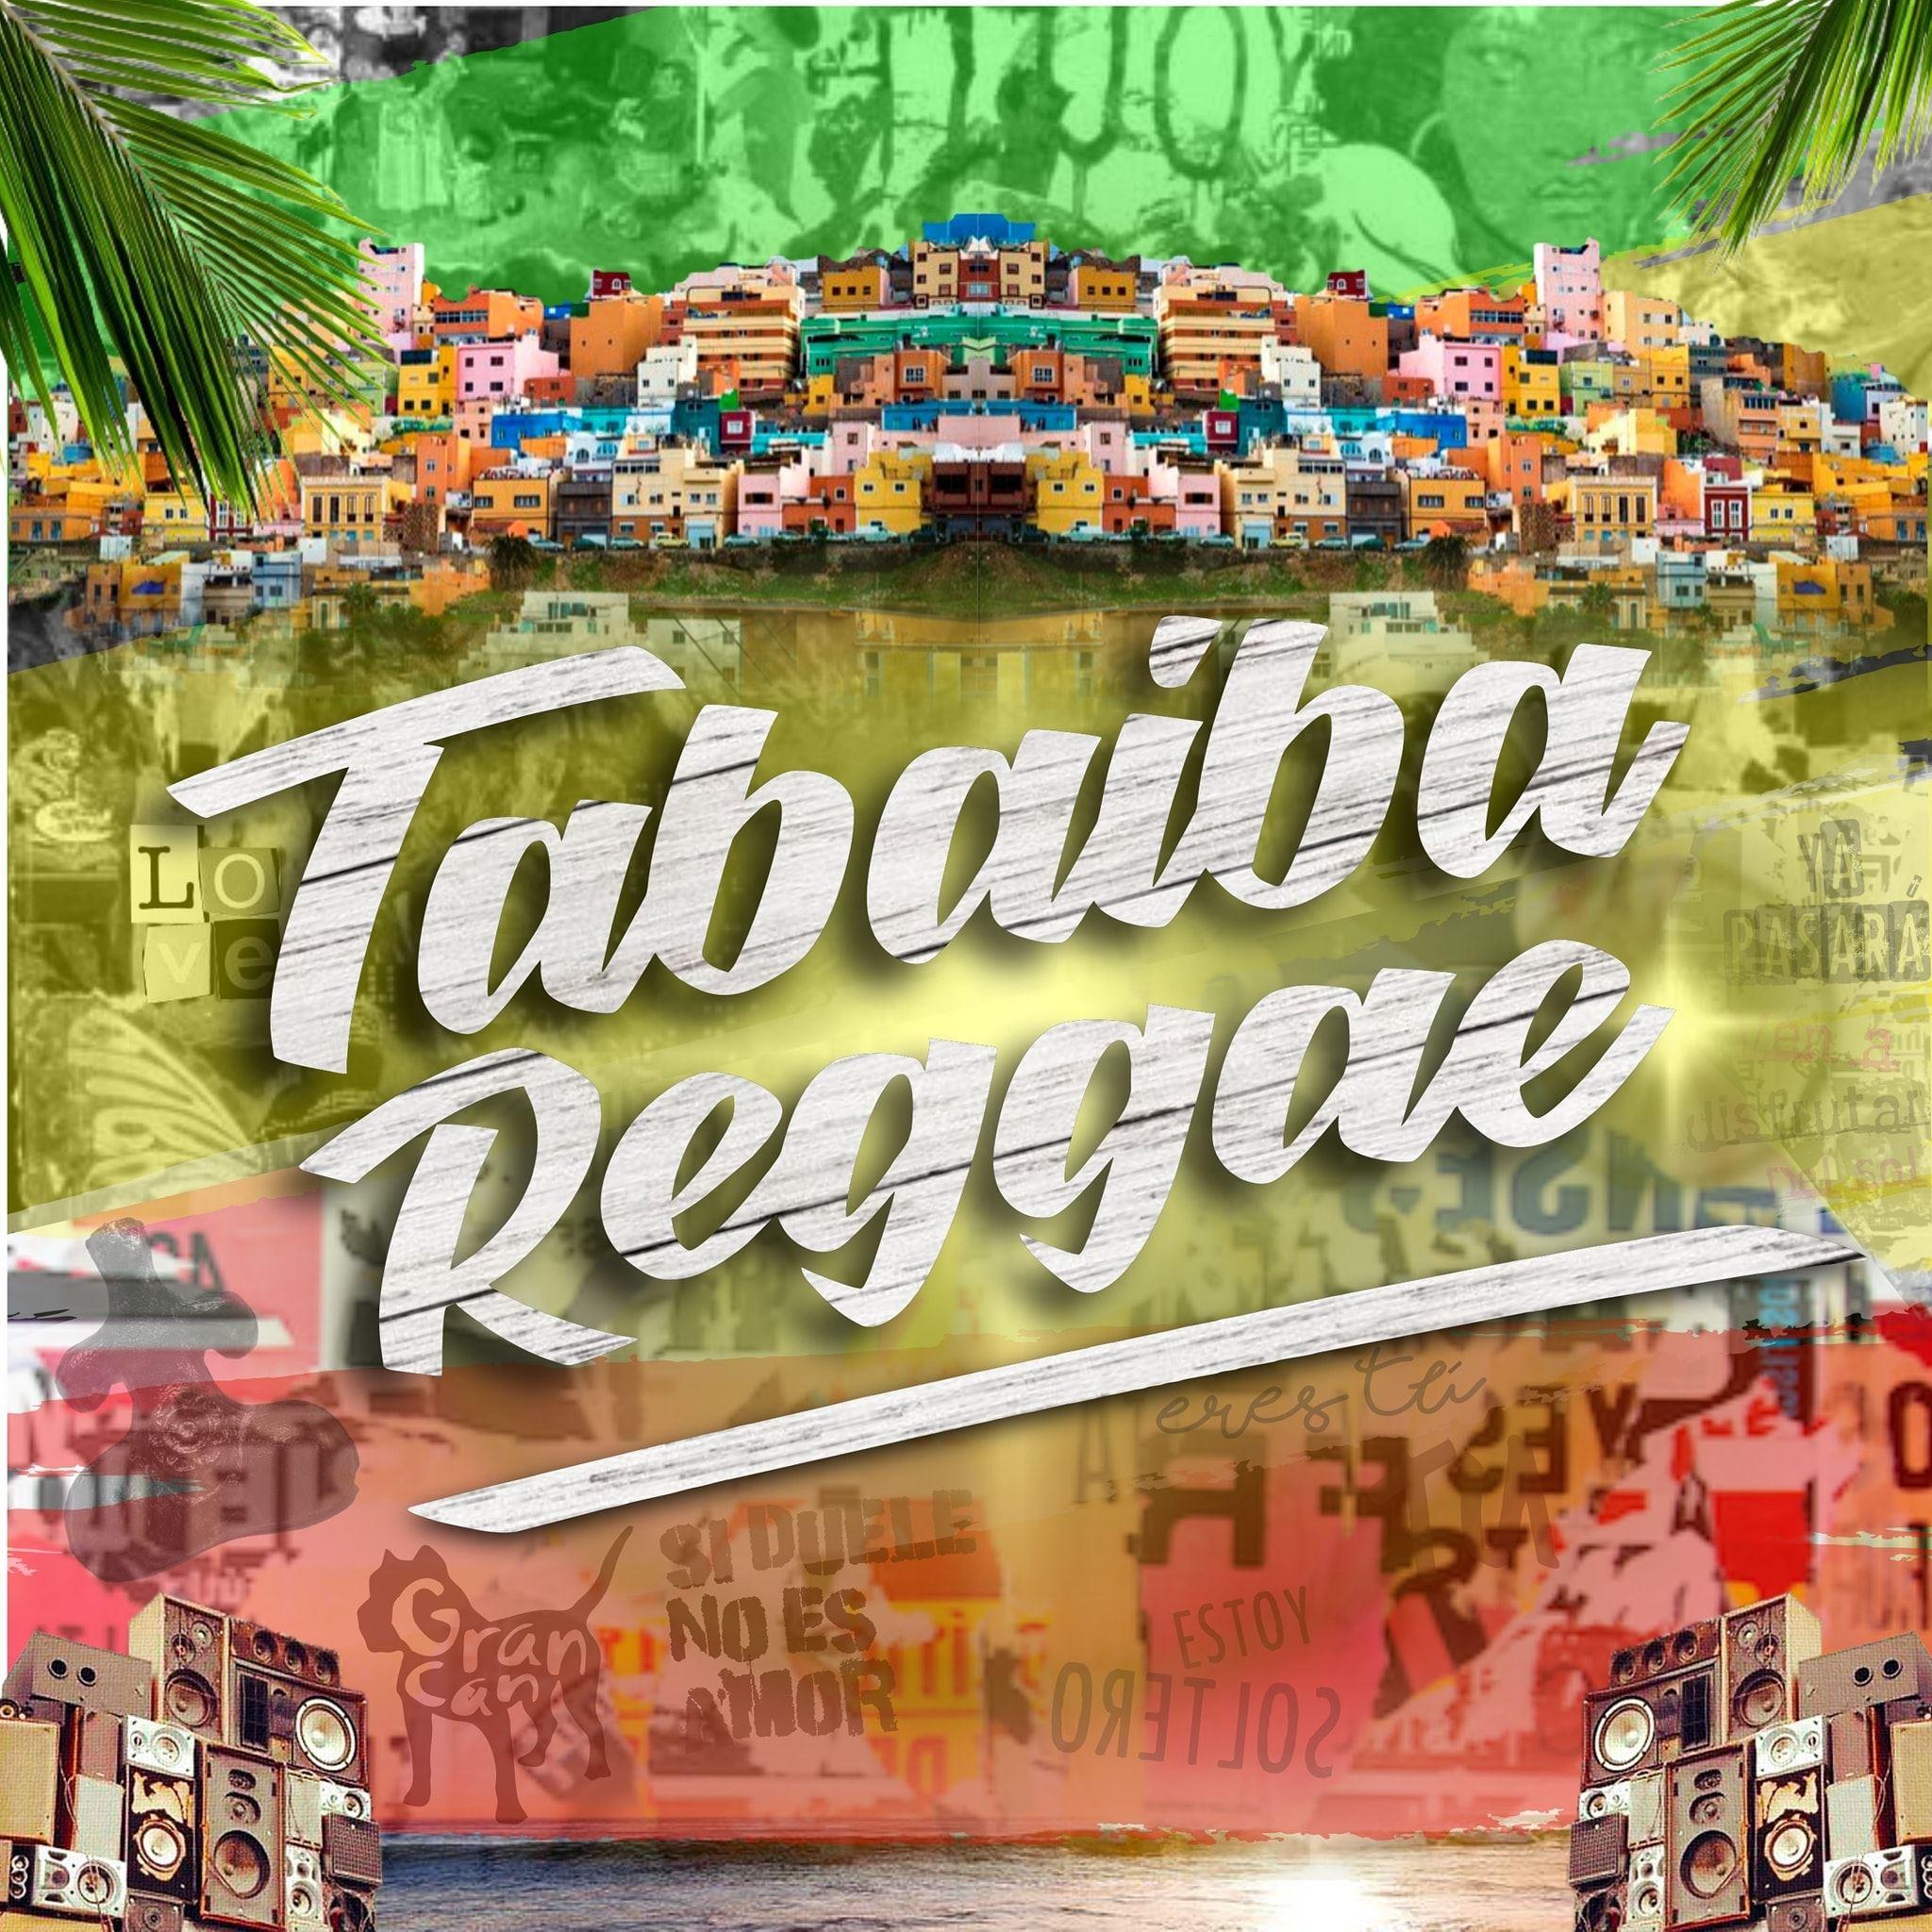 Tabaiba Reggae publica su disco homónimo